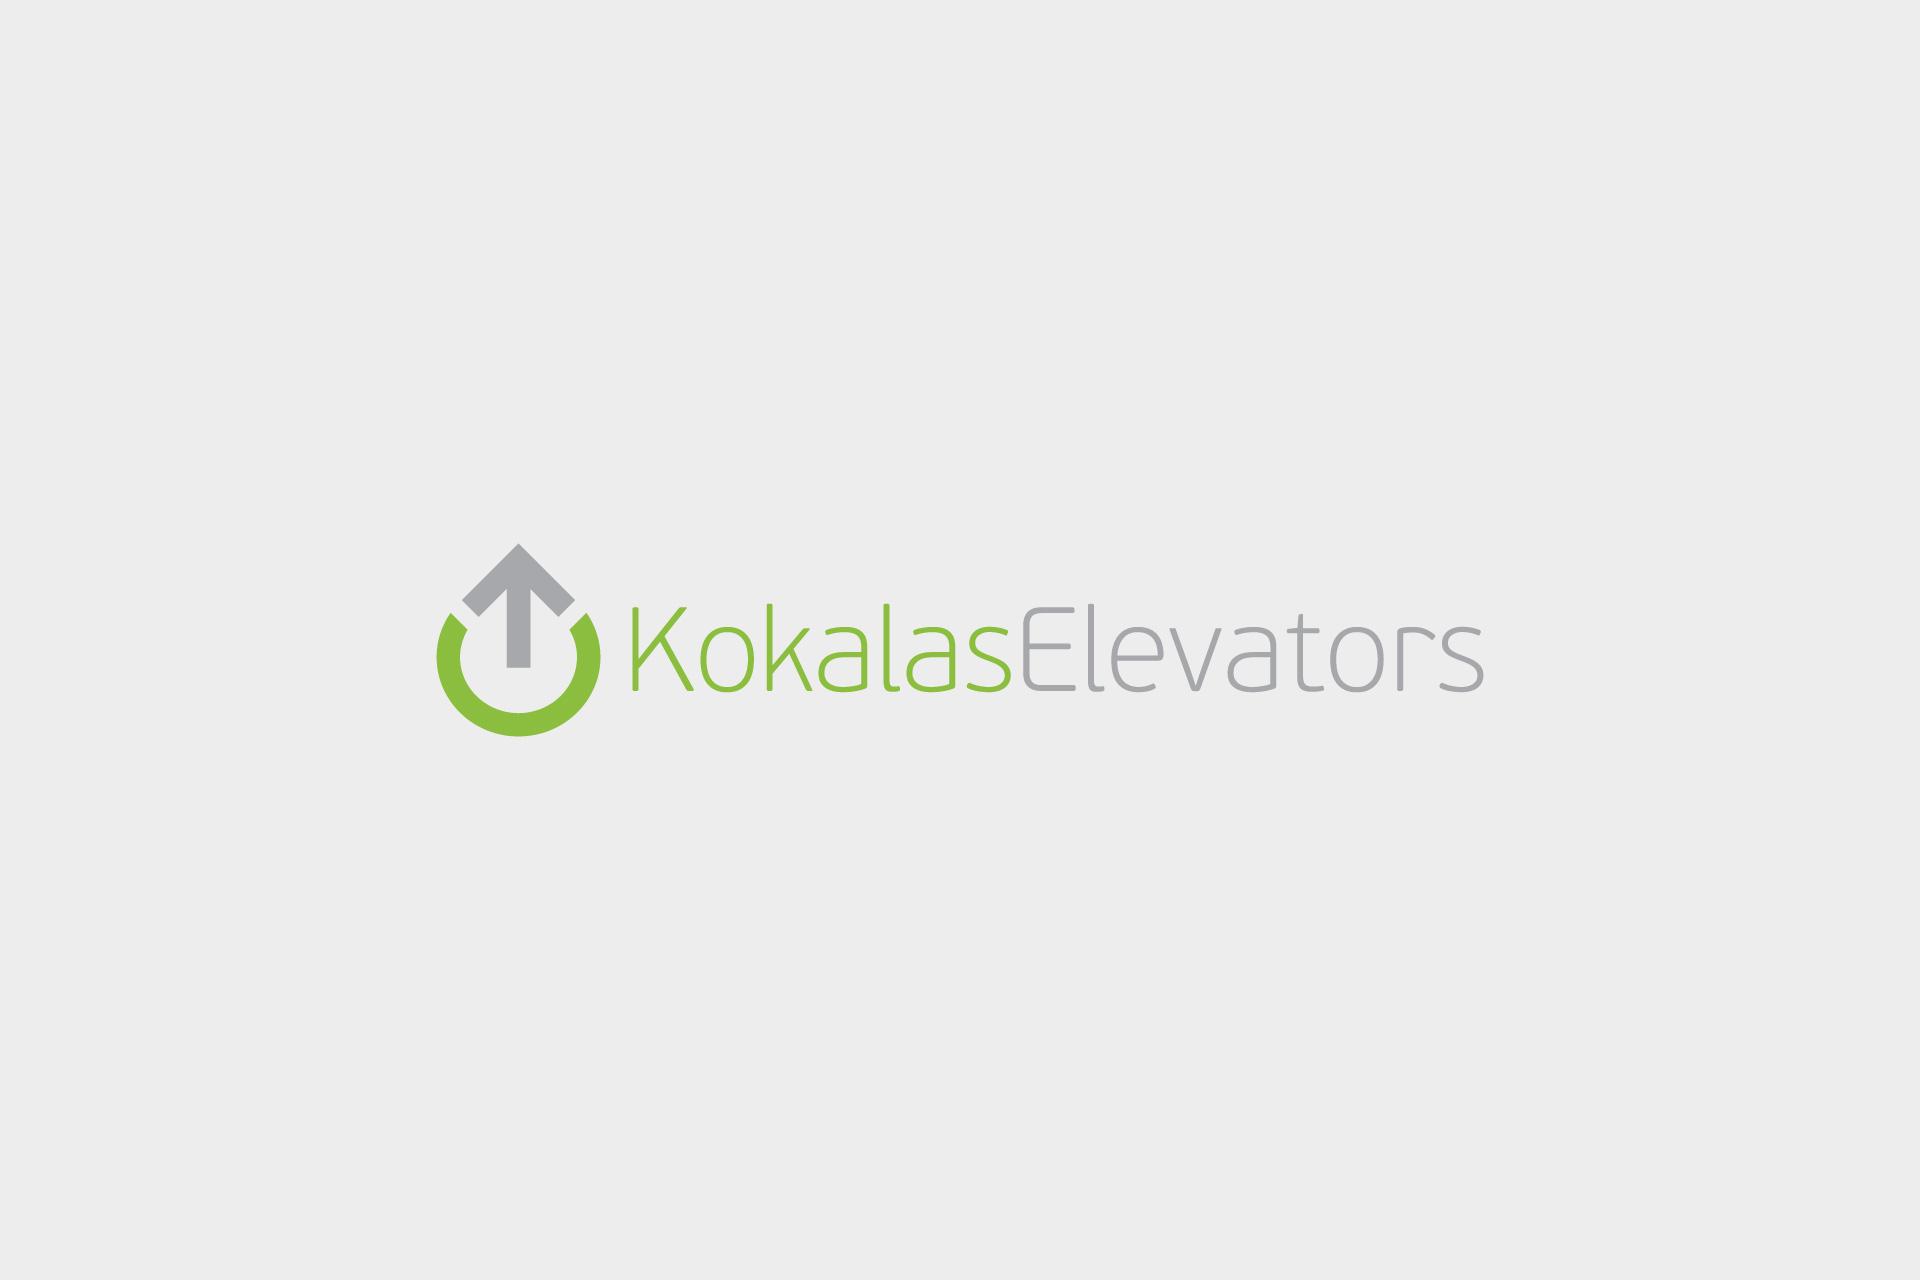 Kokalas Elevators